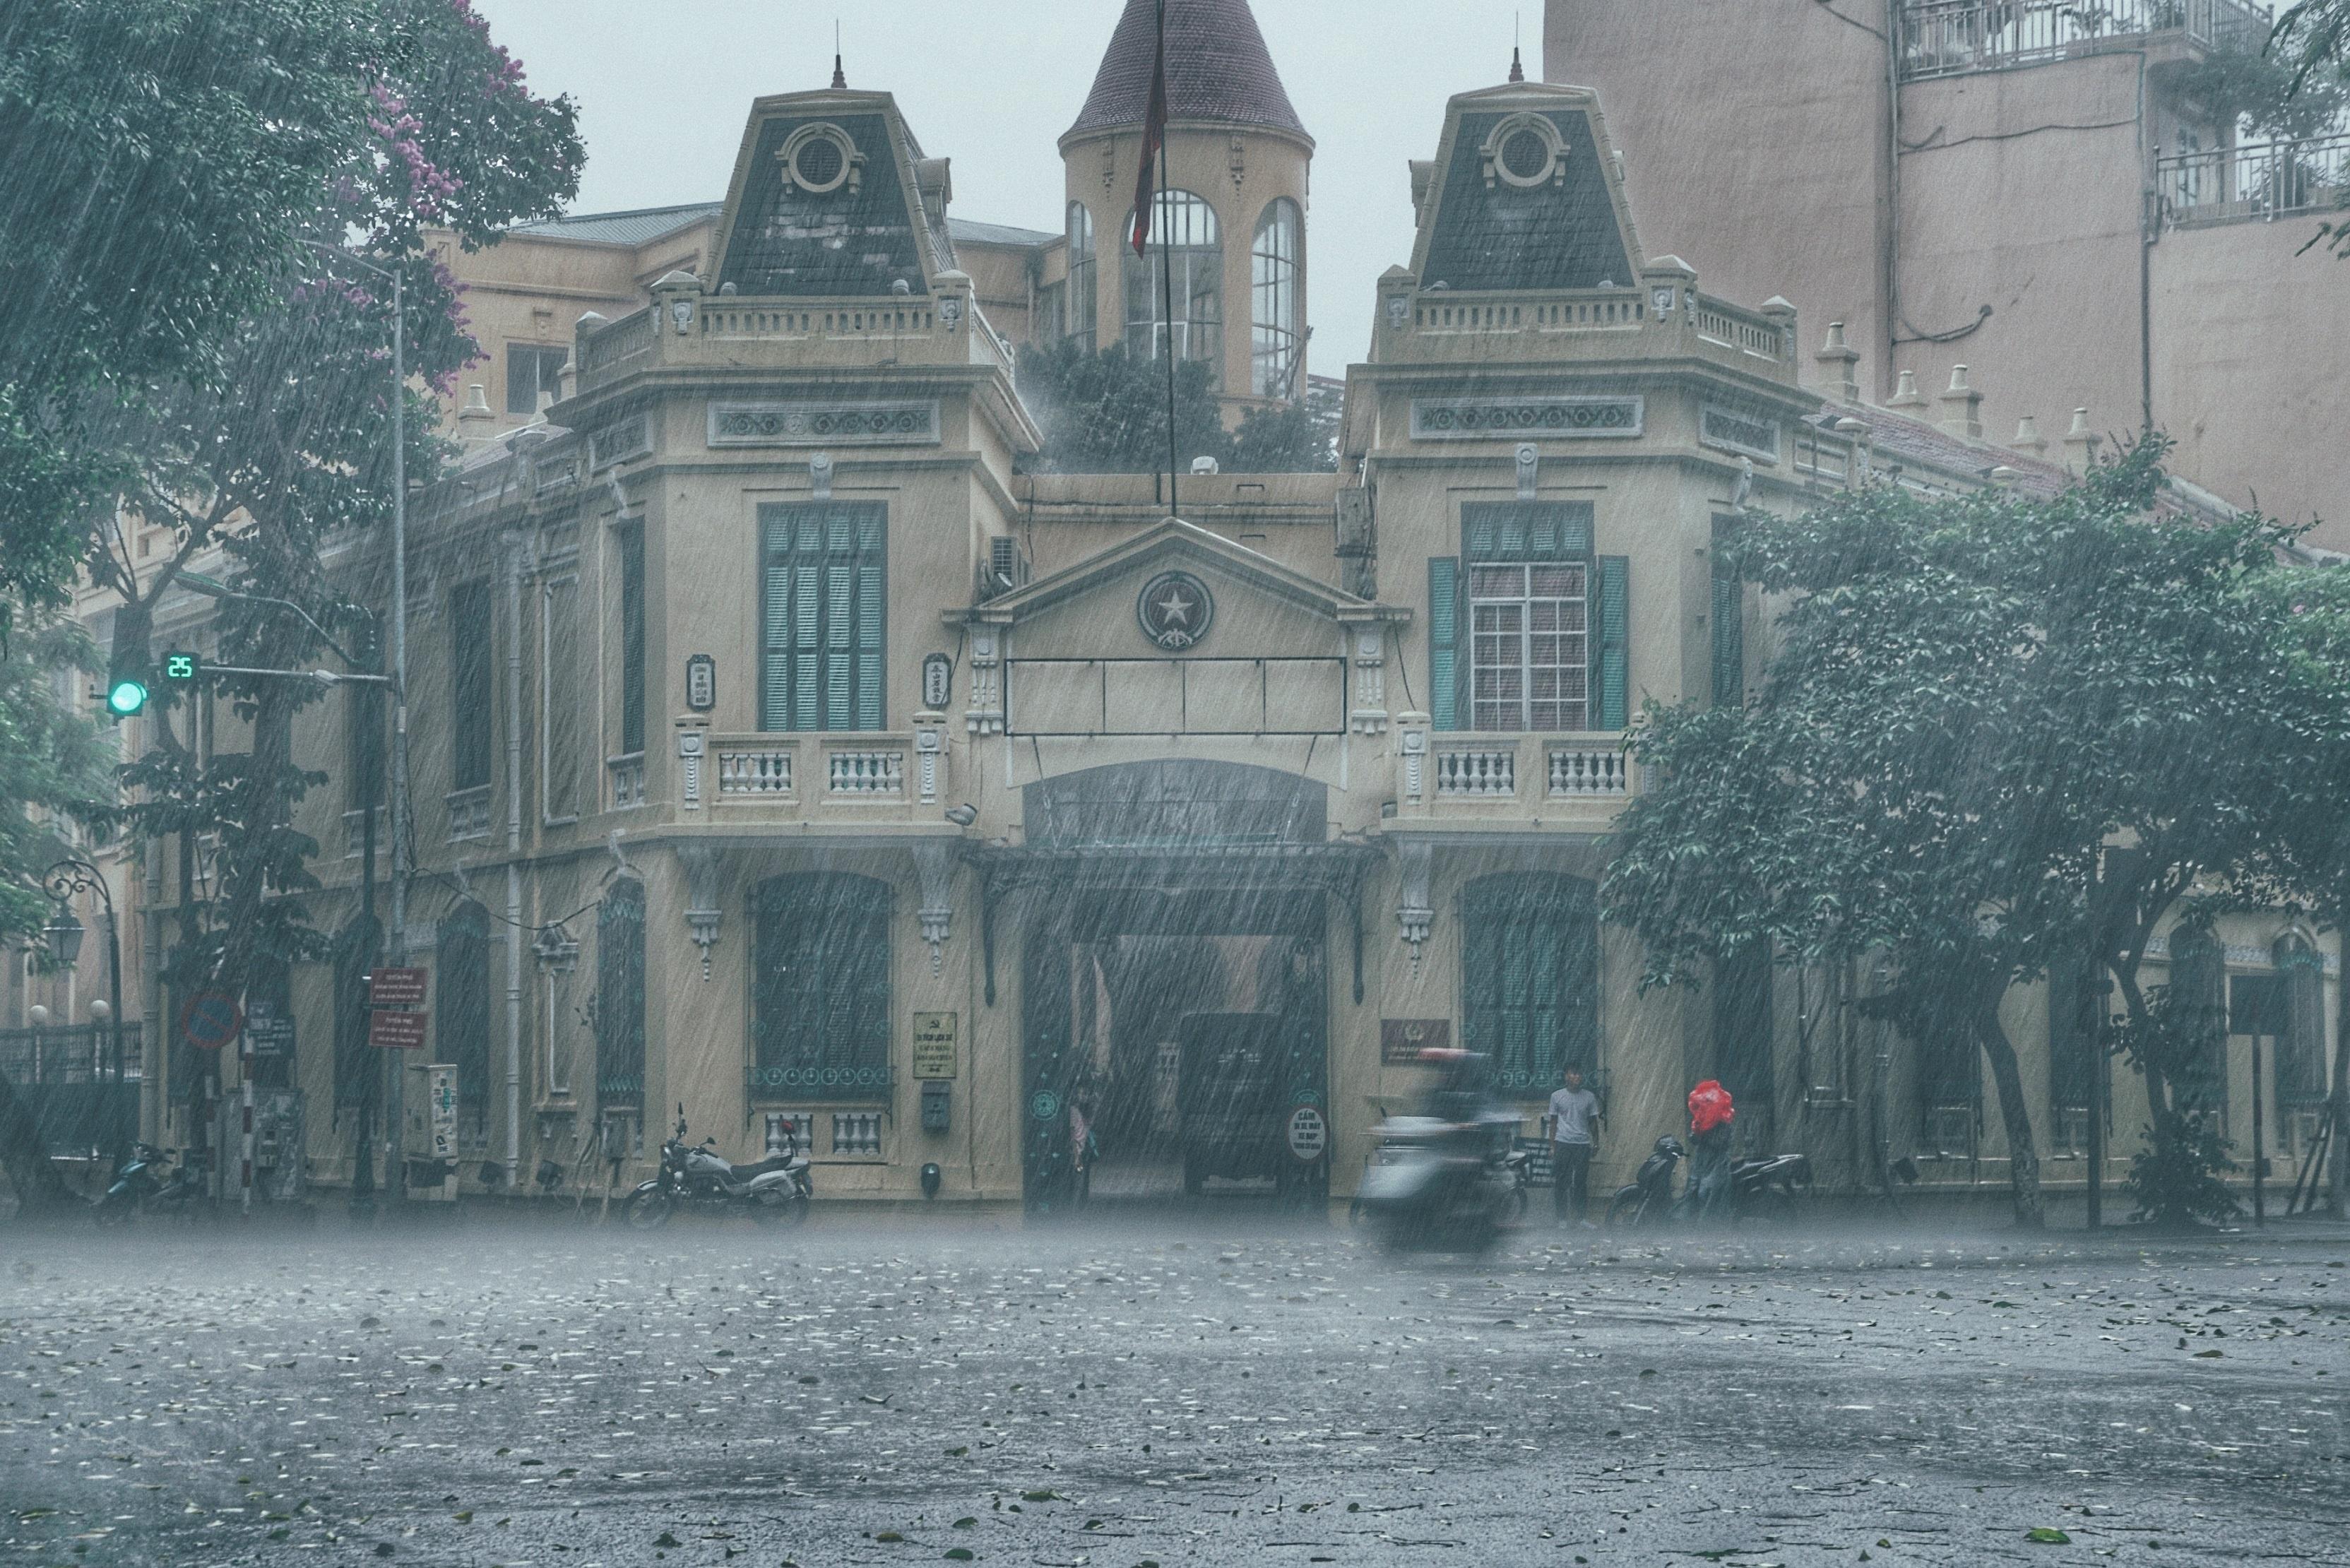 Dự báo thời tiết Đà Nẵng và các vùng cả nước hôm nay (13/5): Hà Nội mưa rào và dông, TP HCM trời có mây, không mưa - Ảnh 1.